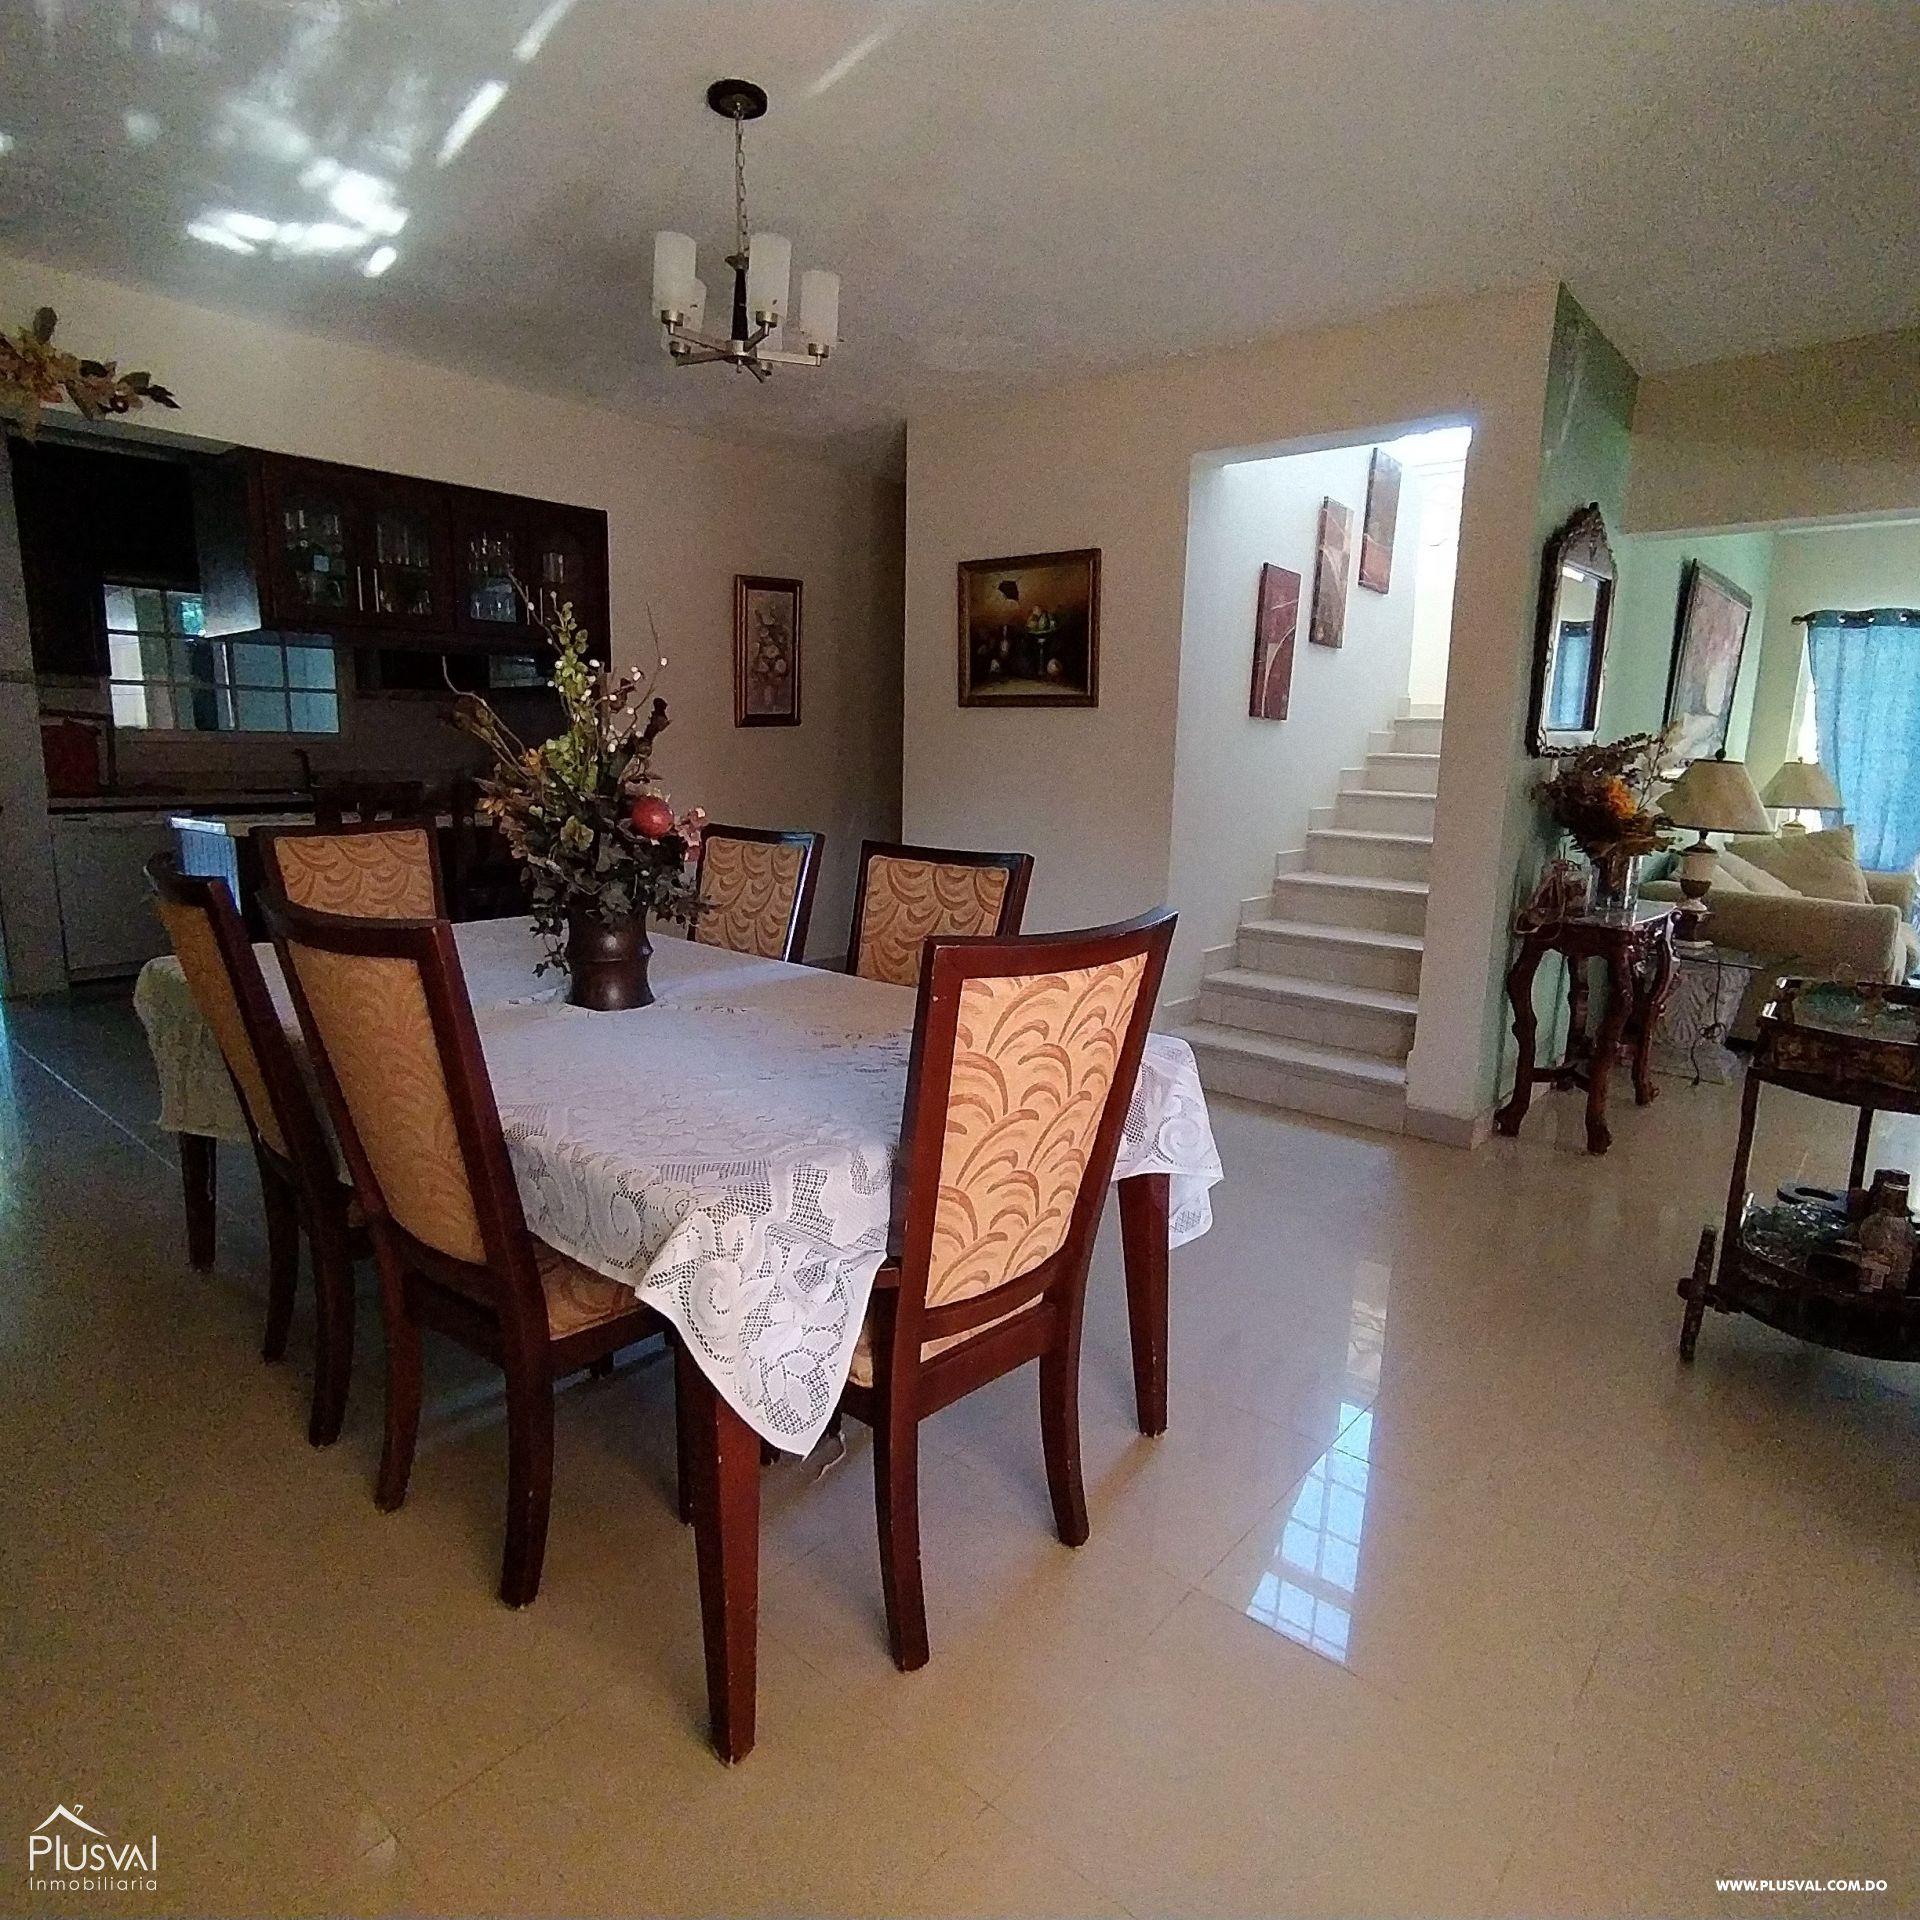 Residencia privada para el disfrute familiar 171858